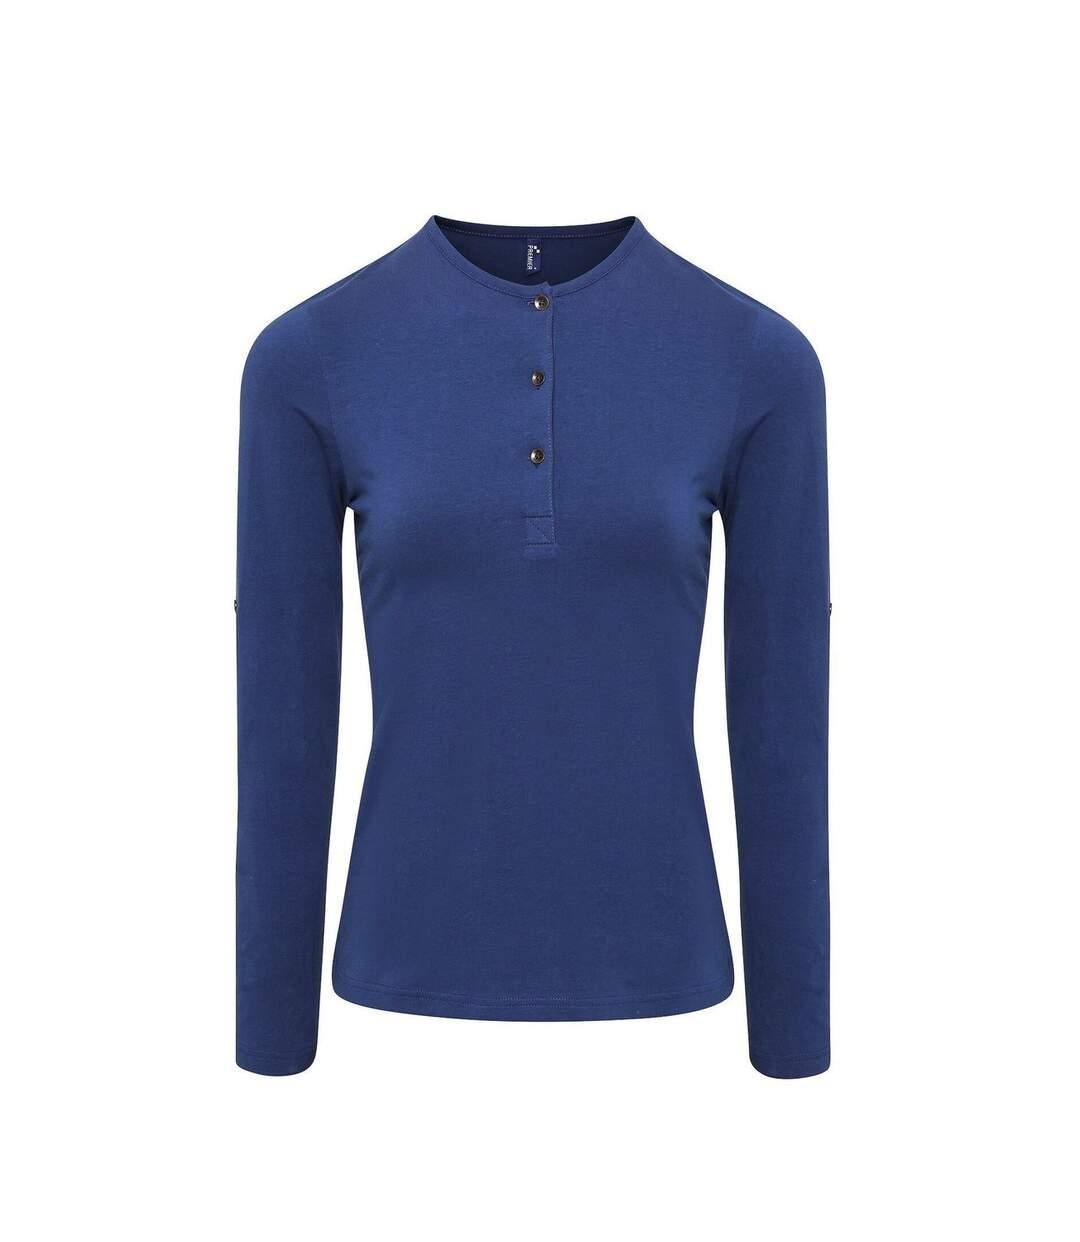 Dégagement T-shirt henley manches retroussables Femme PR318 bleu indigo dsf.d455nksdKLFHG